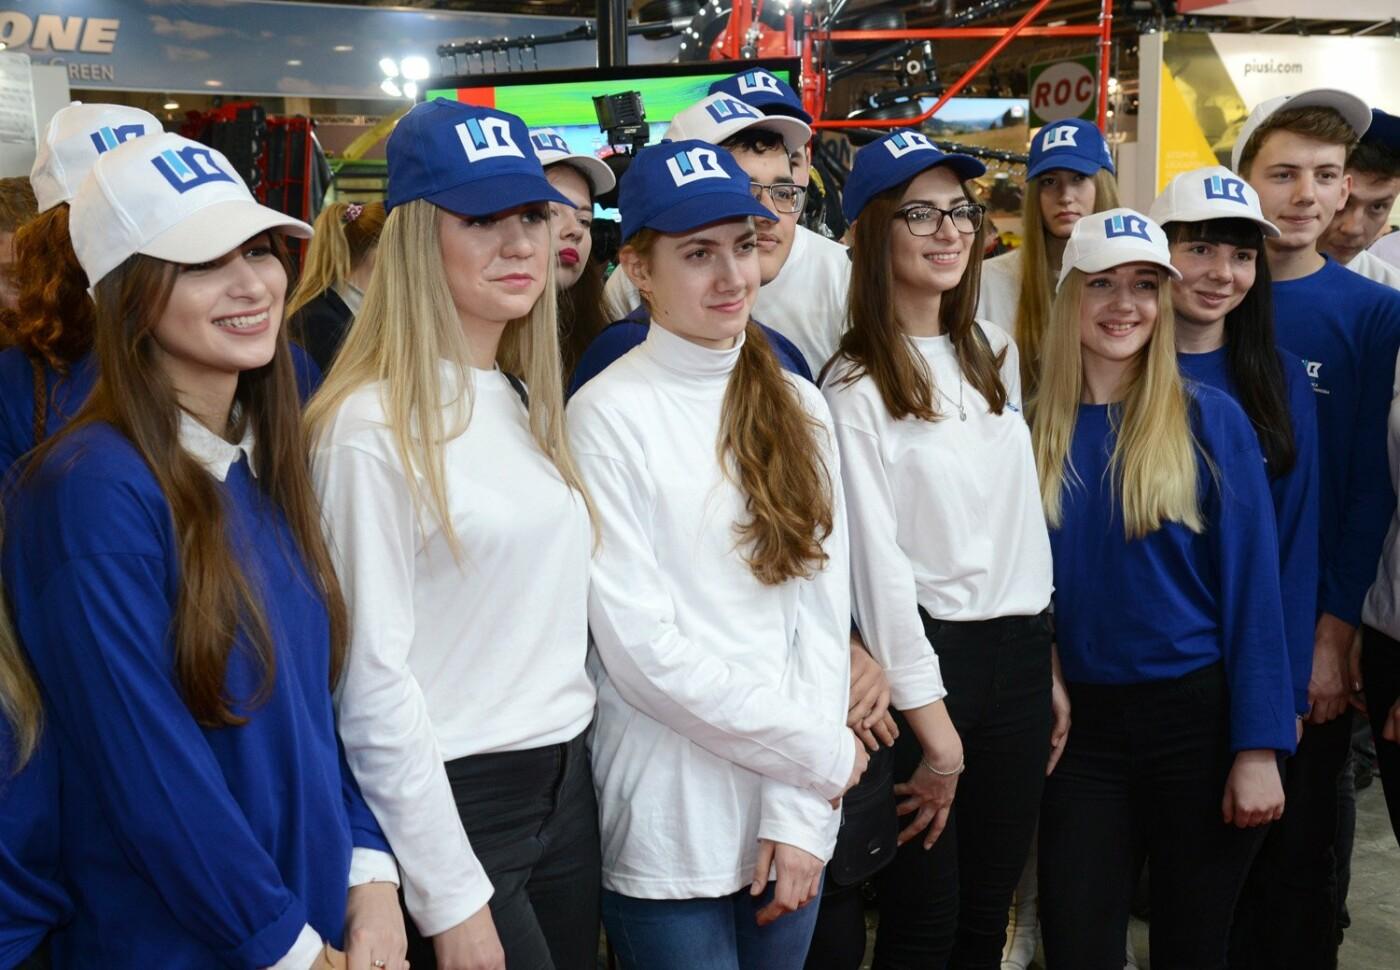 Борис Колесников показал студентам новинки мирового агросектора на выставке в Италии, фото-4